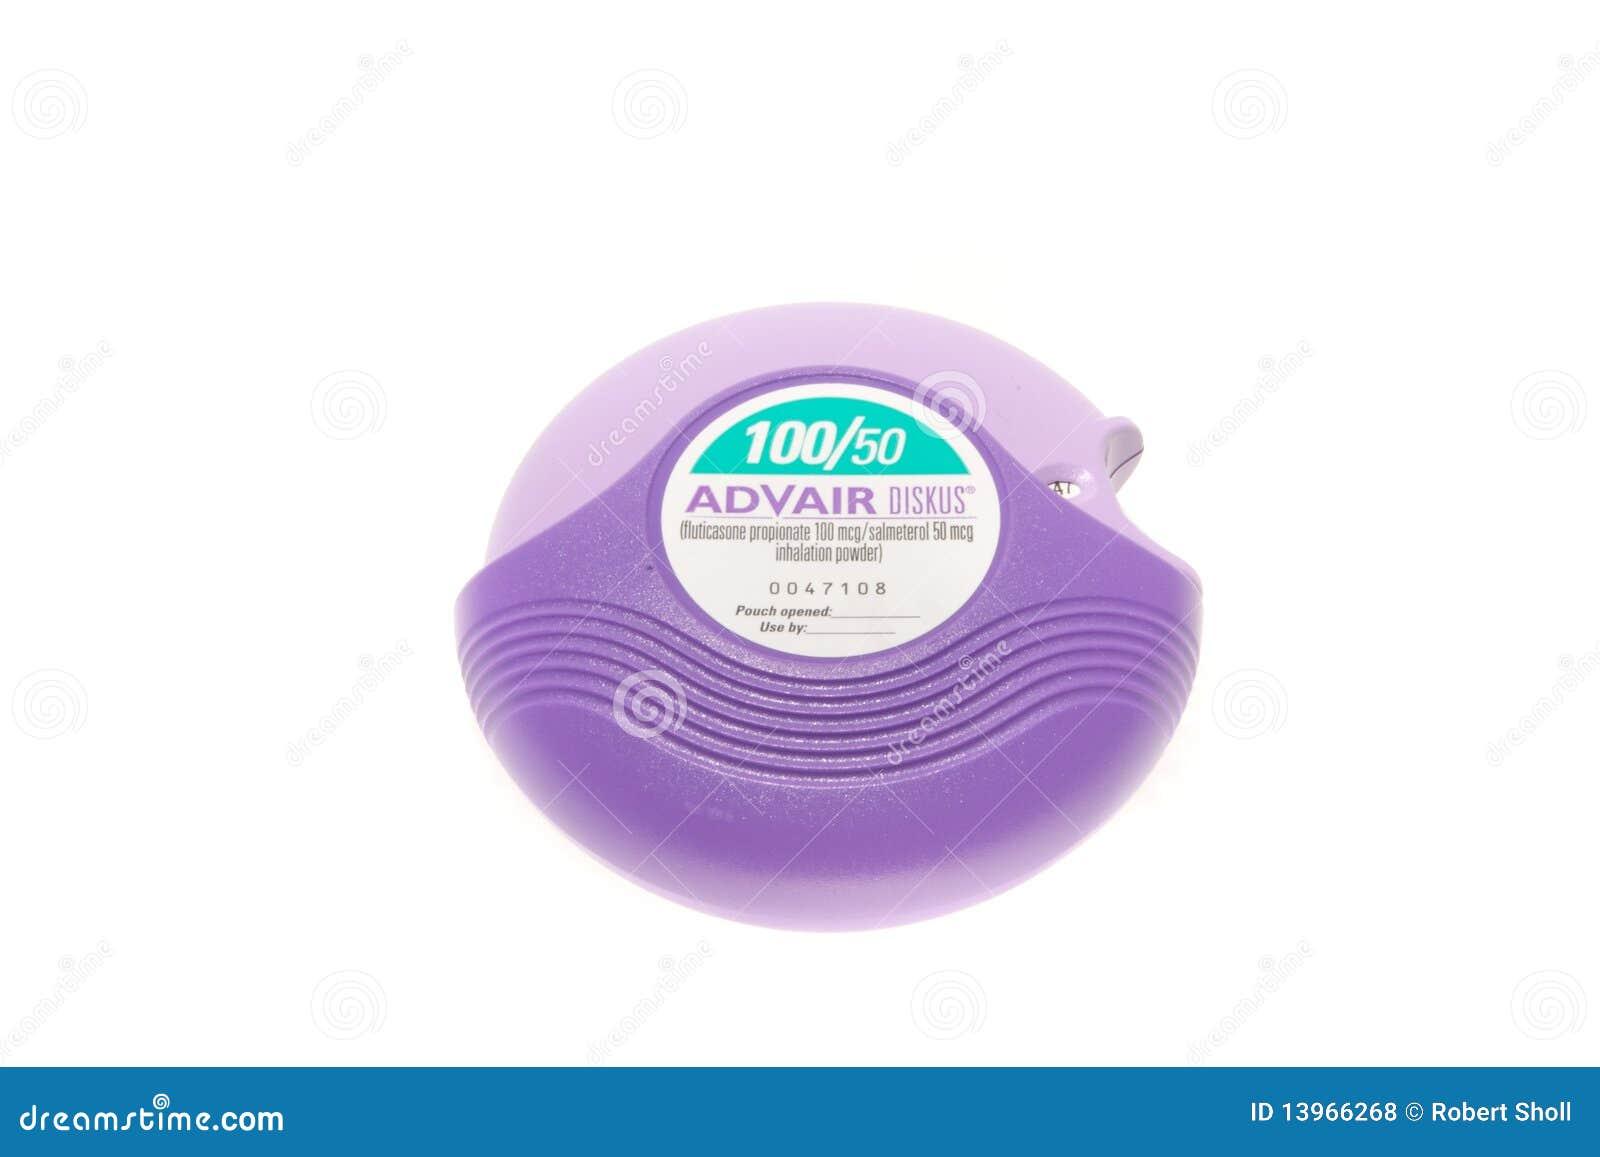 inhaler similar to advair